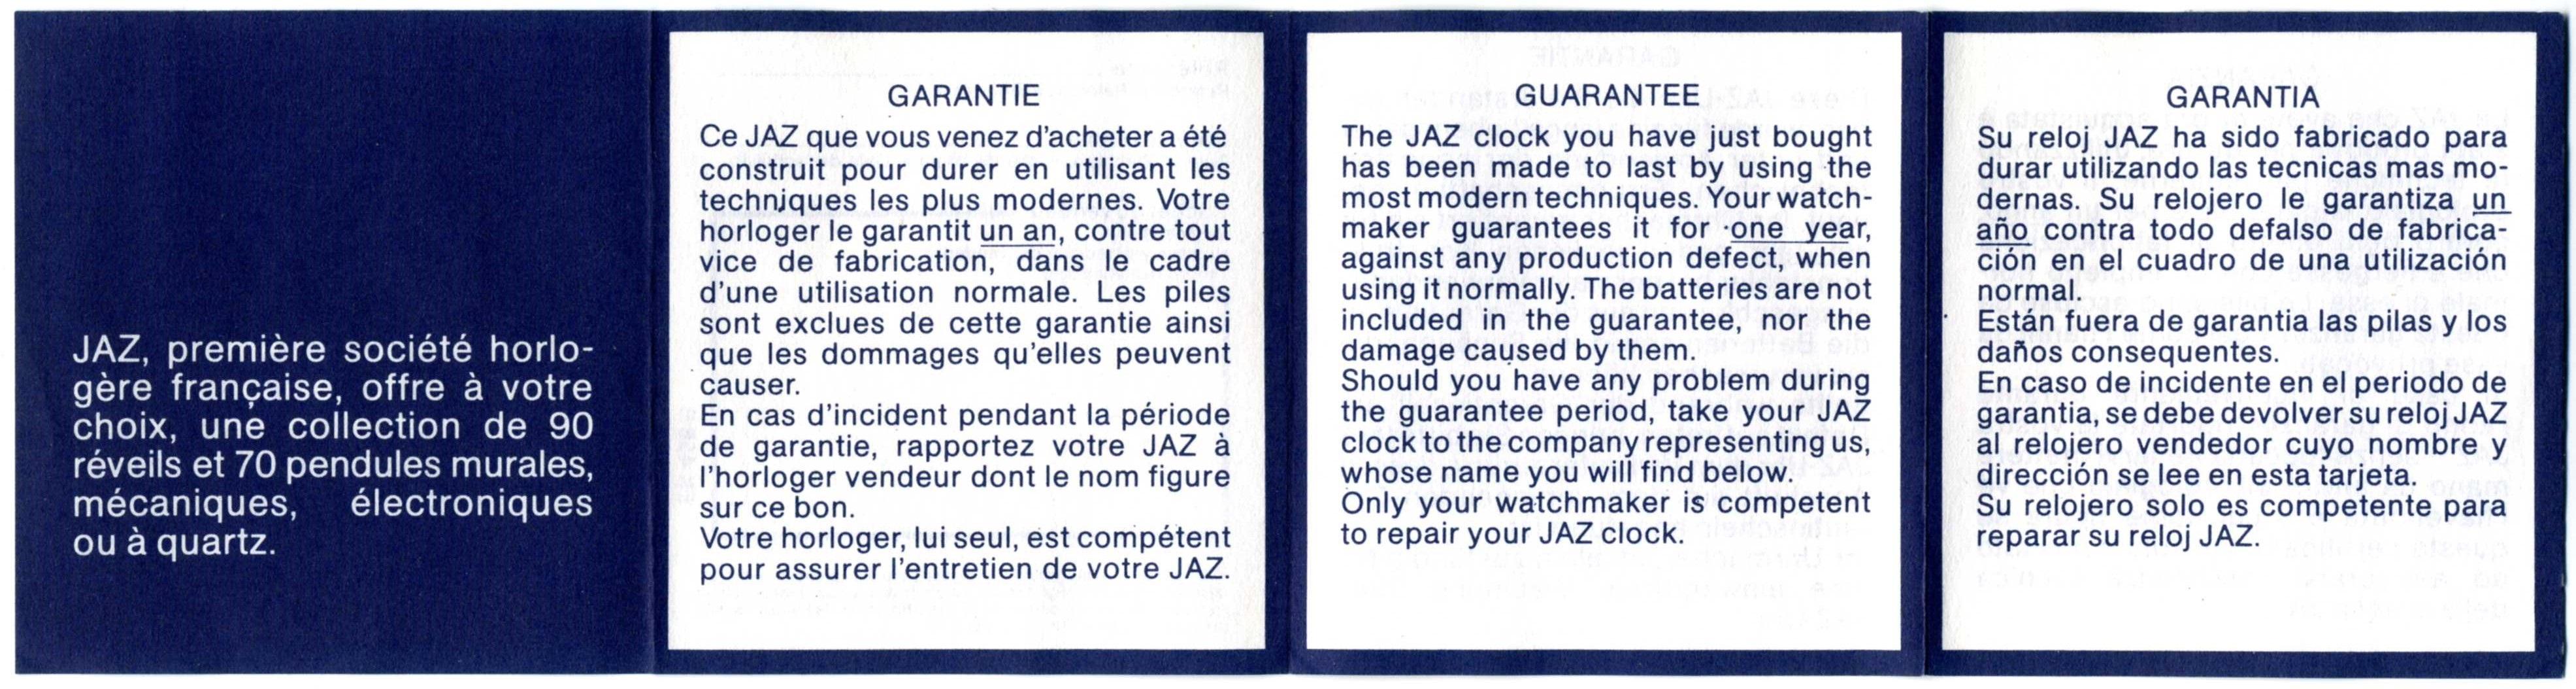 garantie_fusic2[1]